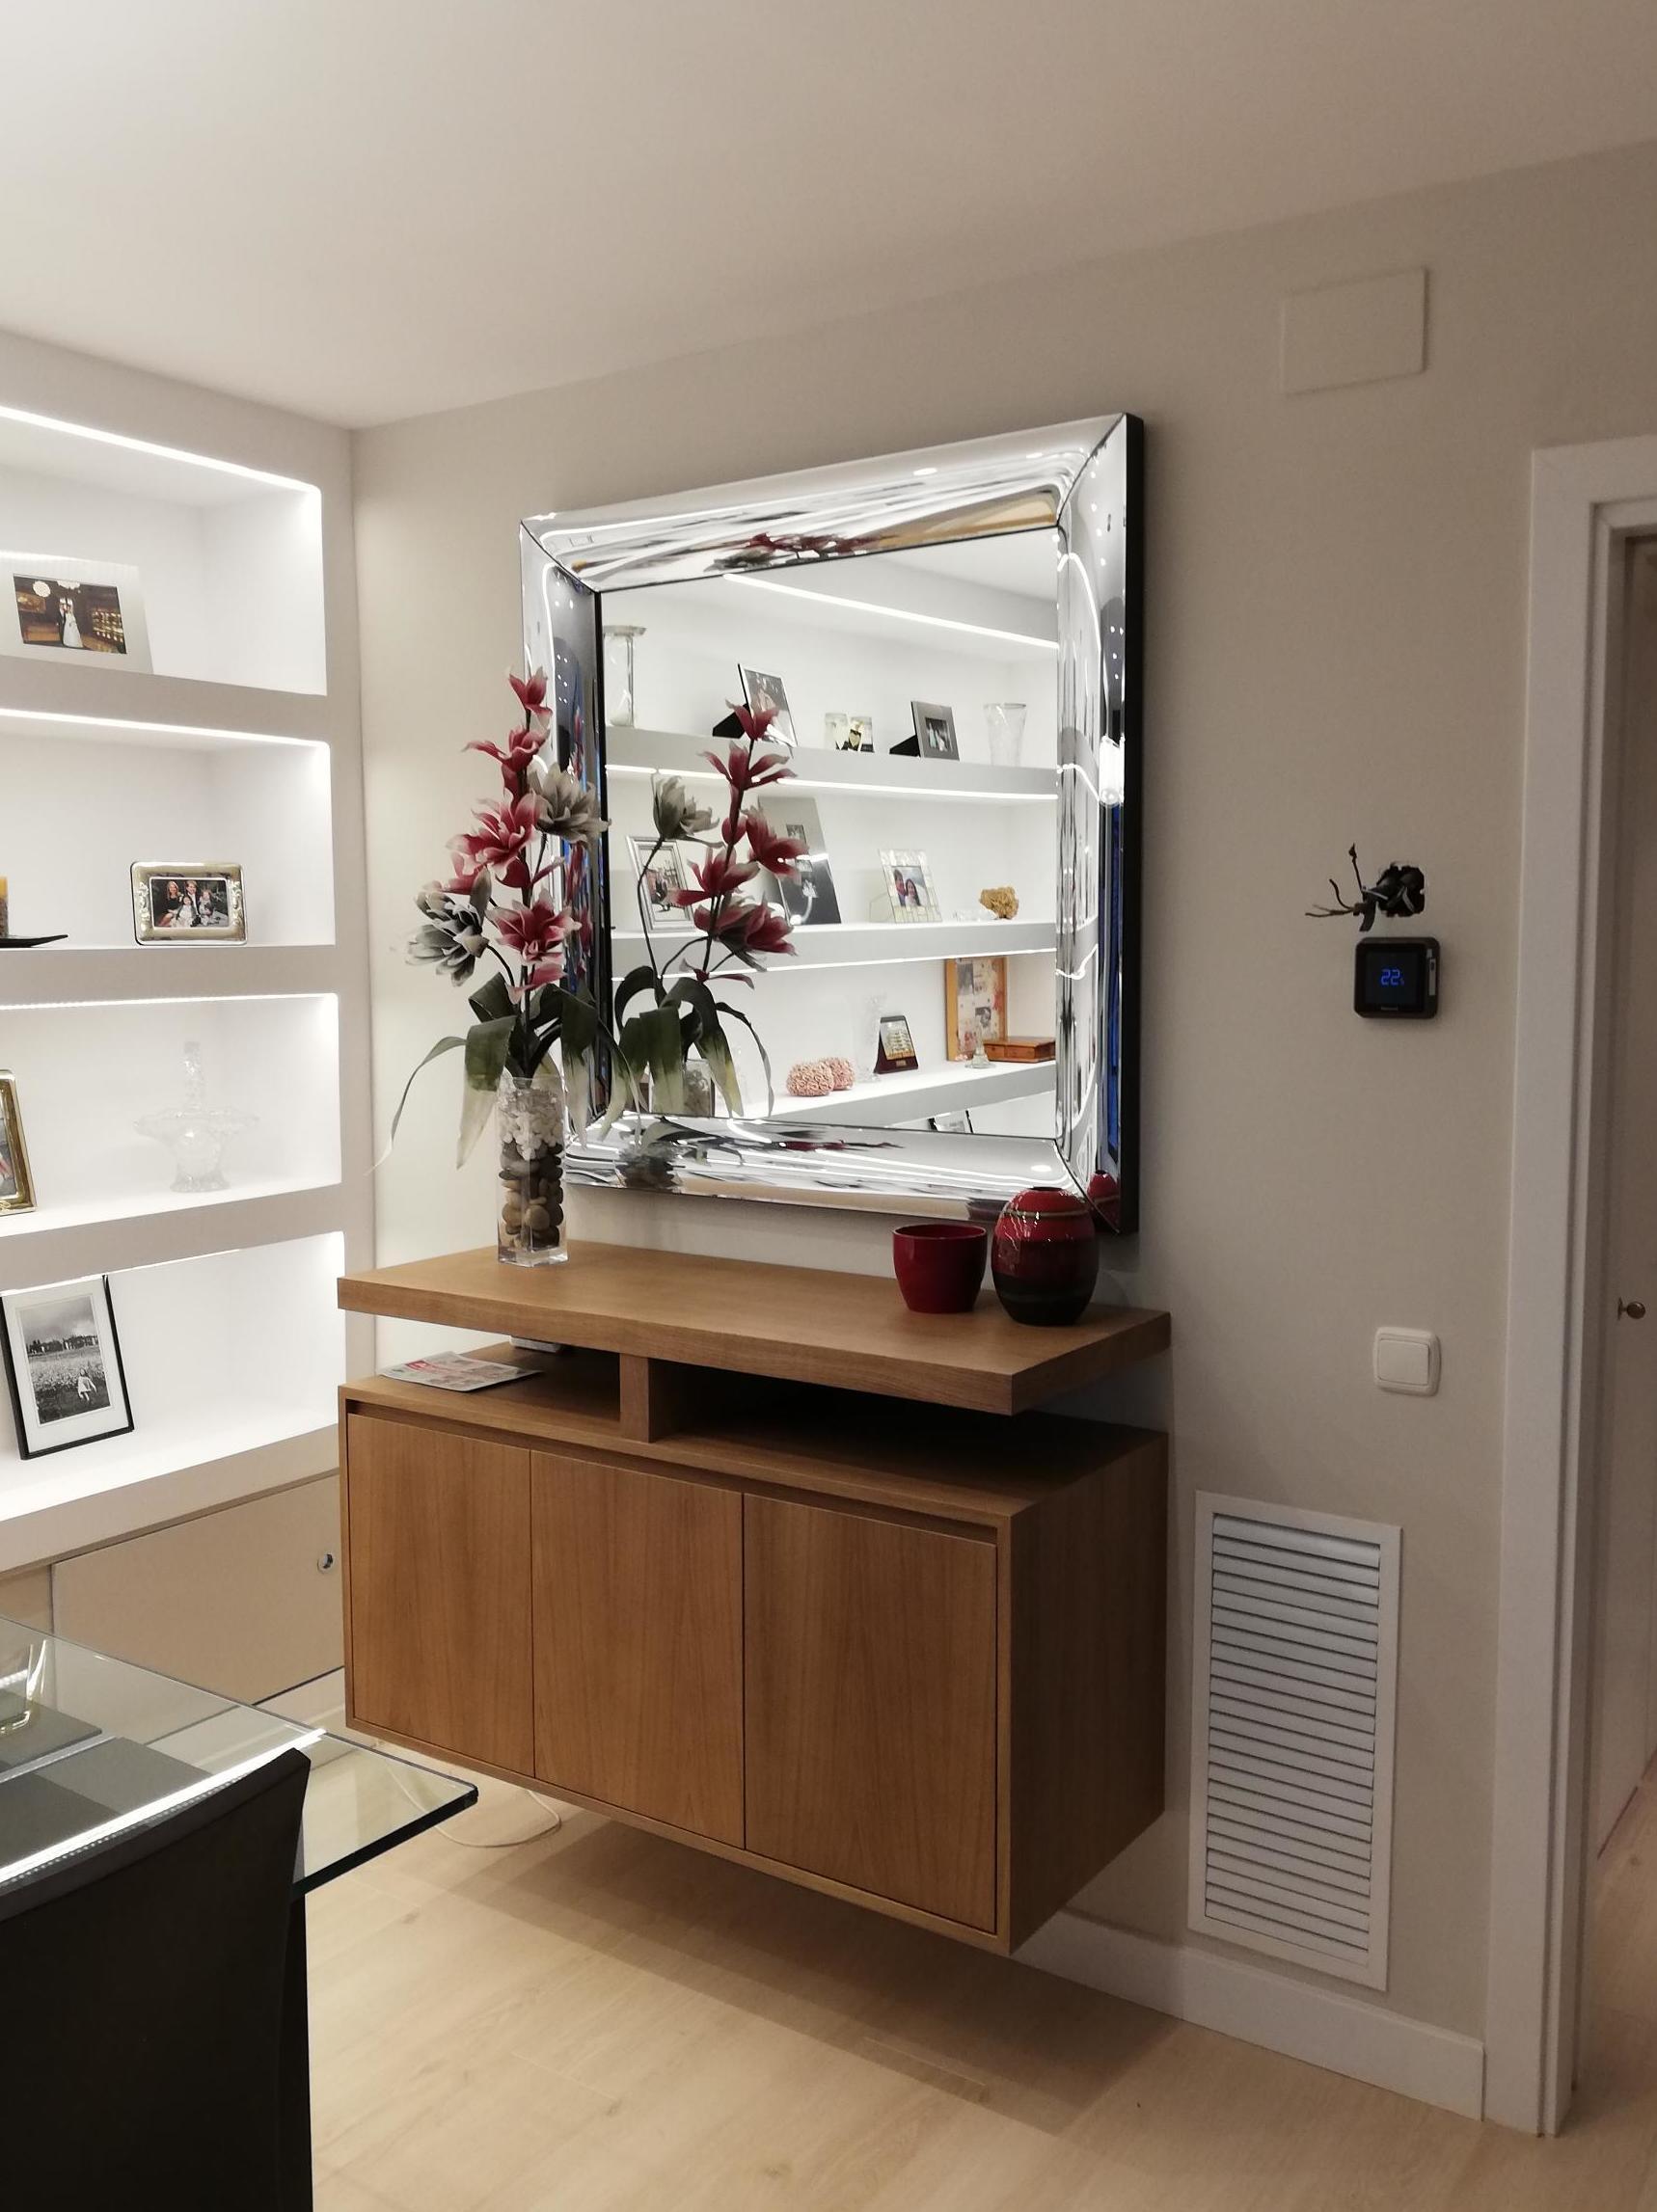 Foto 2 de Tienda de muebles en L'Hospitalet de Llobregat | Chousa